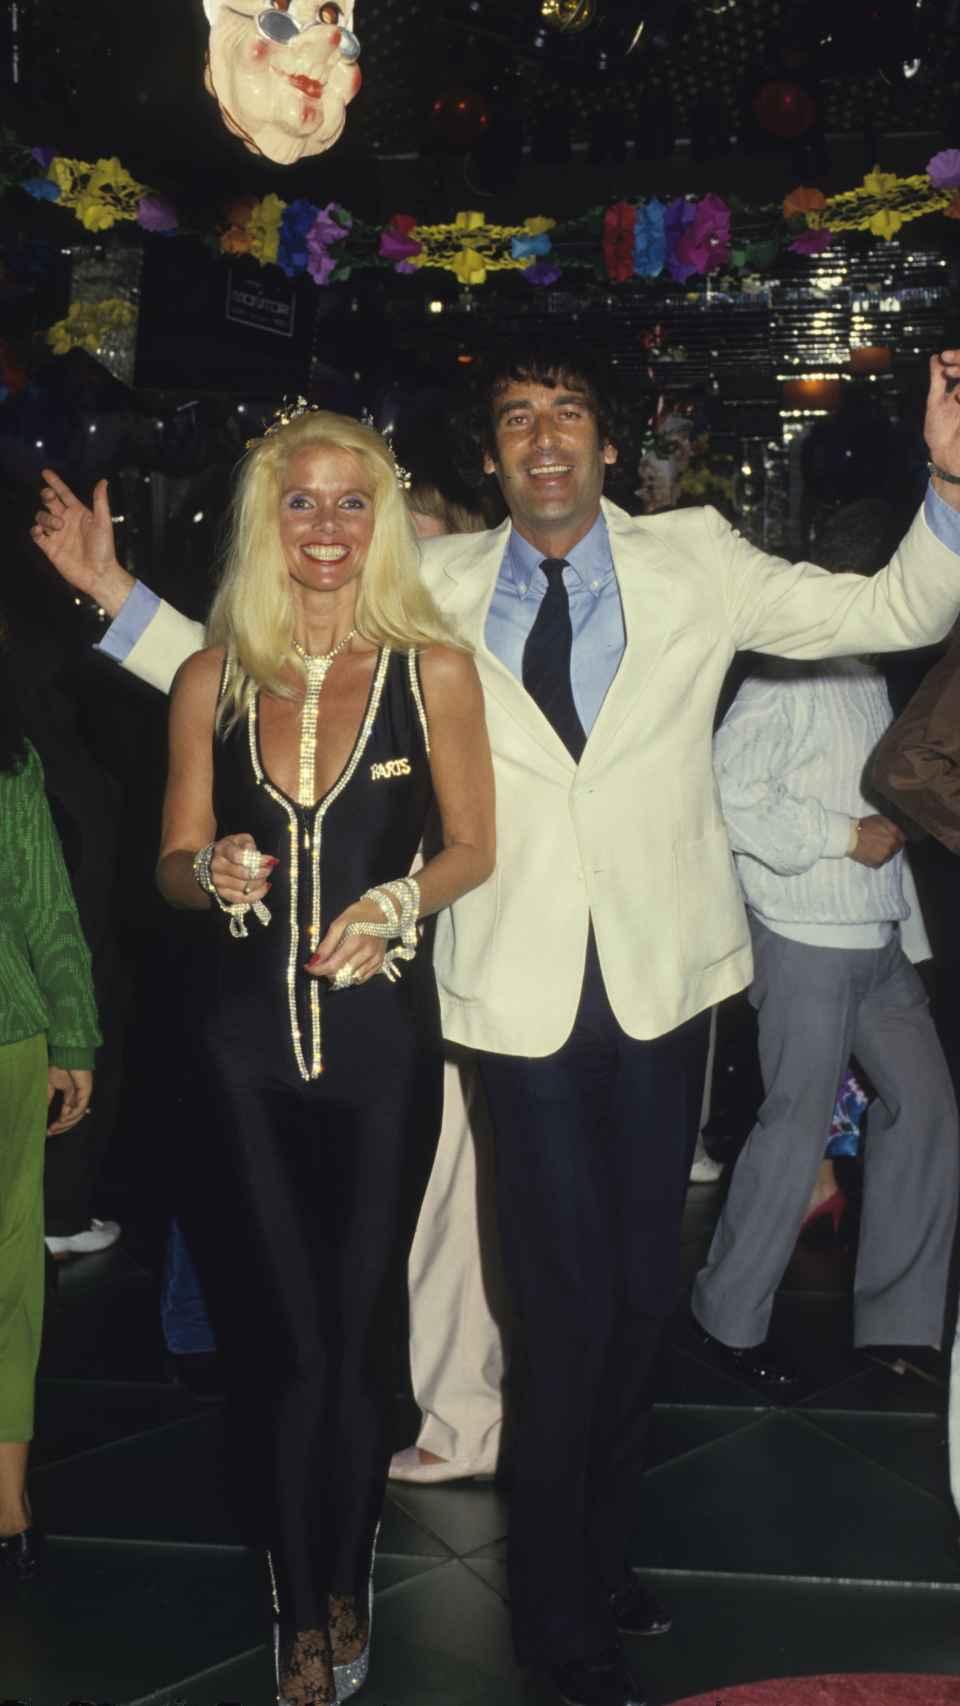 Luis Ortiz y Gunilla von Bismarck en una foto en la década de los 80 en Marbella.